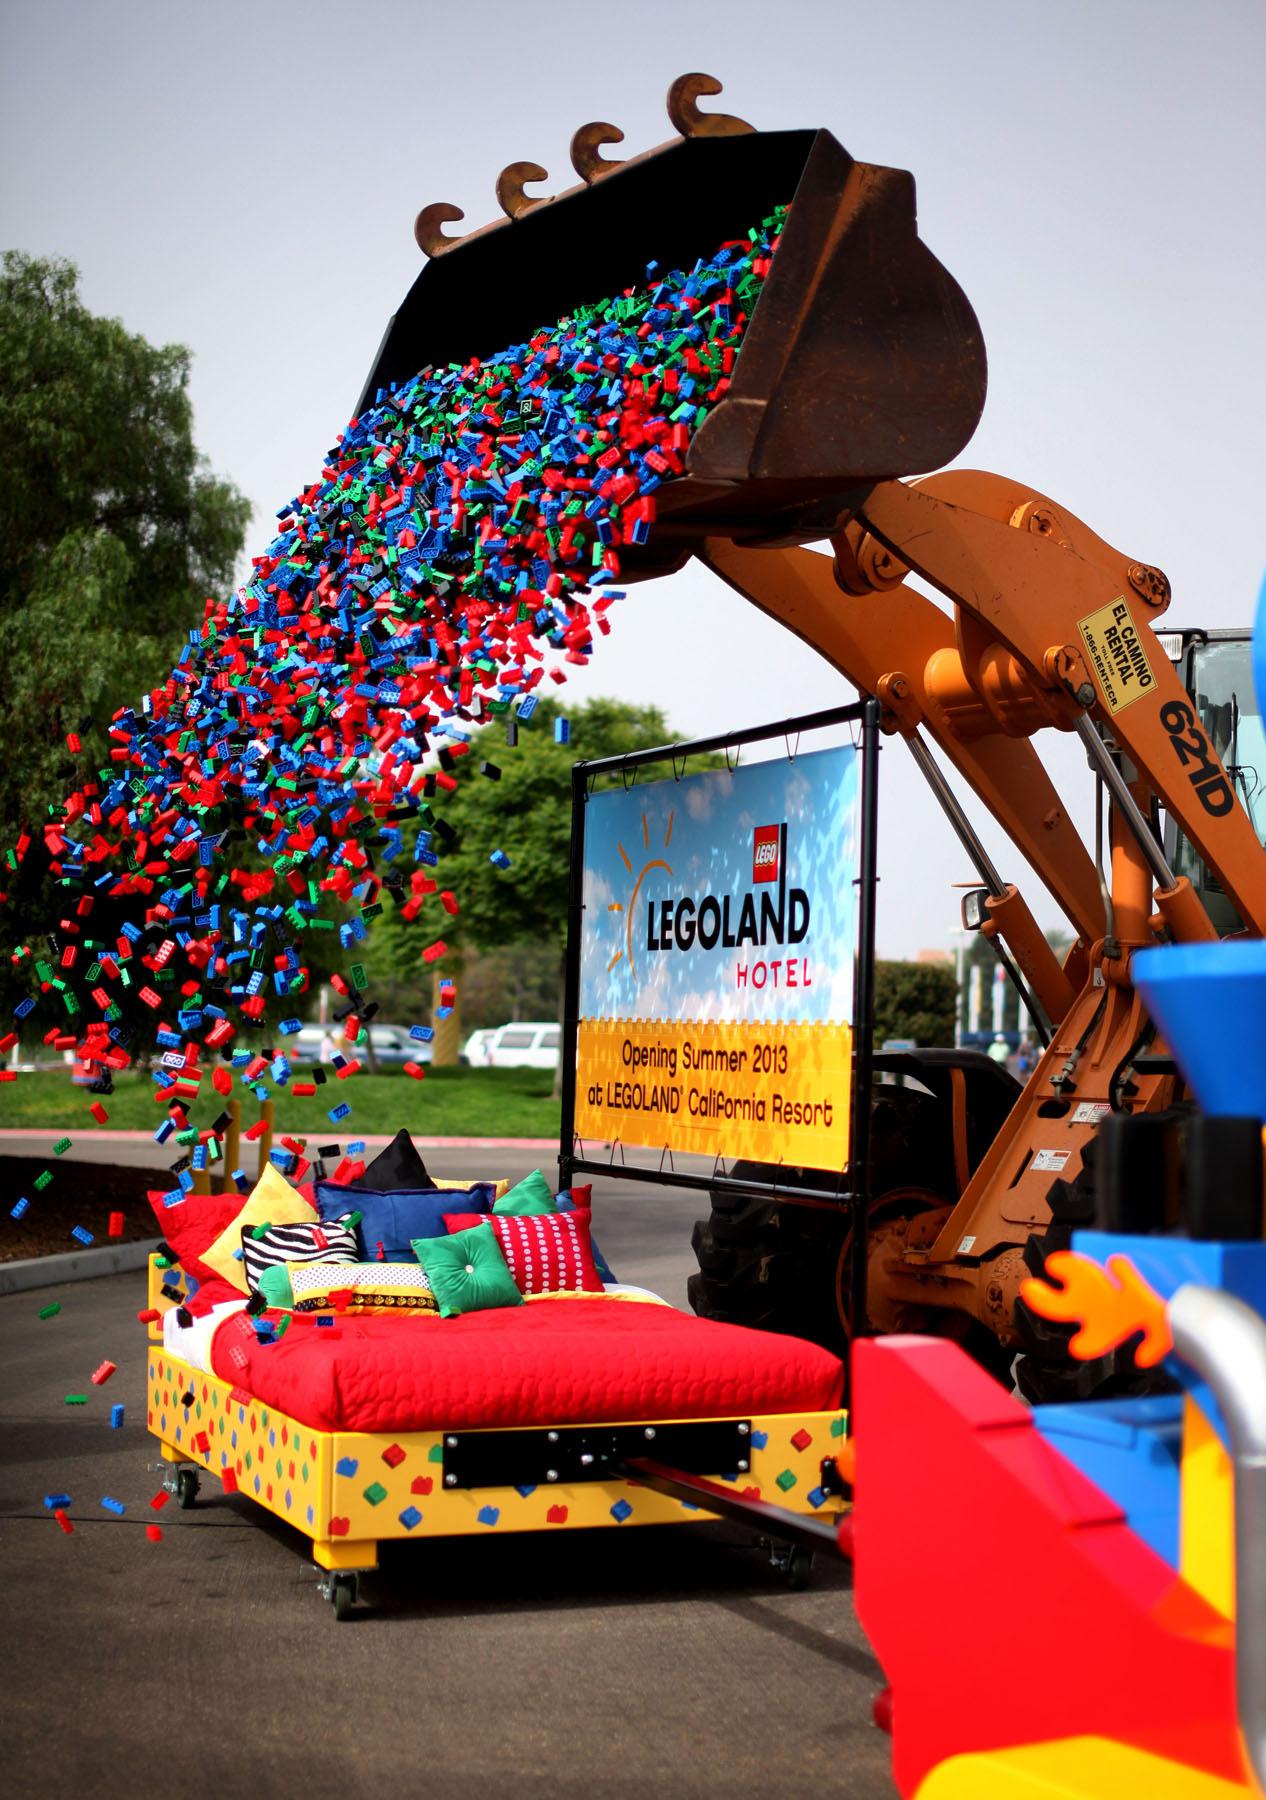 Legoland w Kalifornii - zwierciadlo.pl